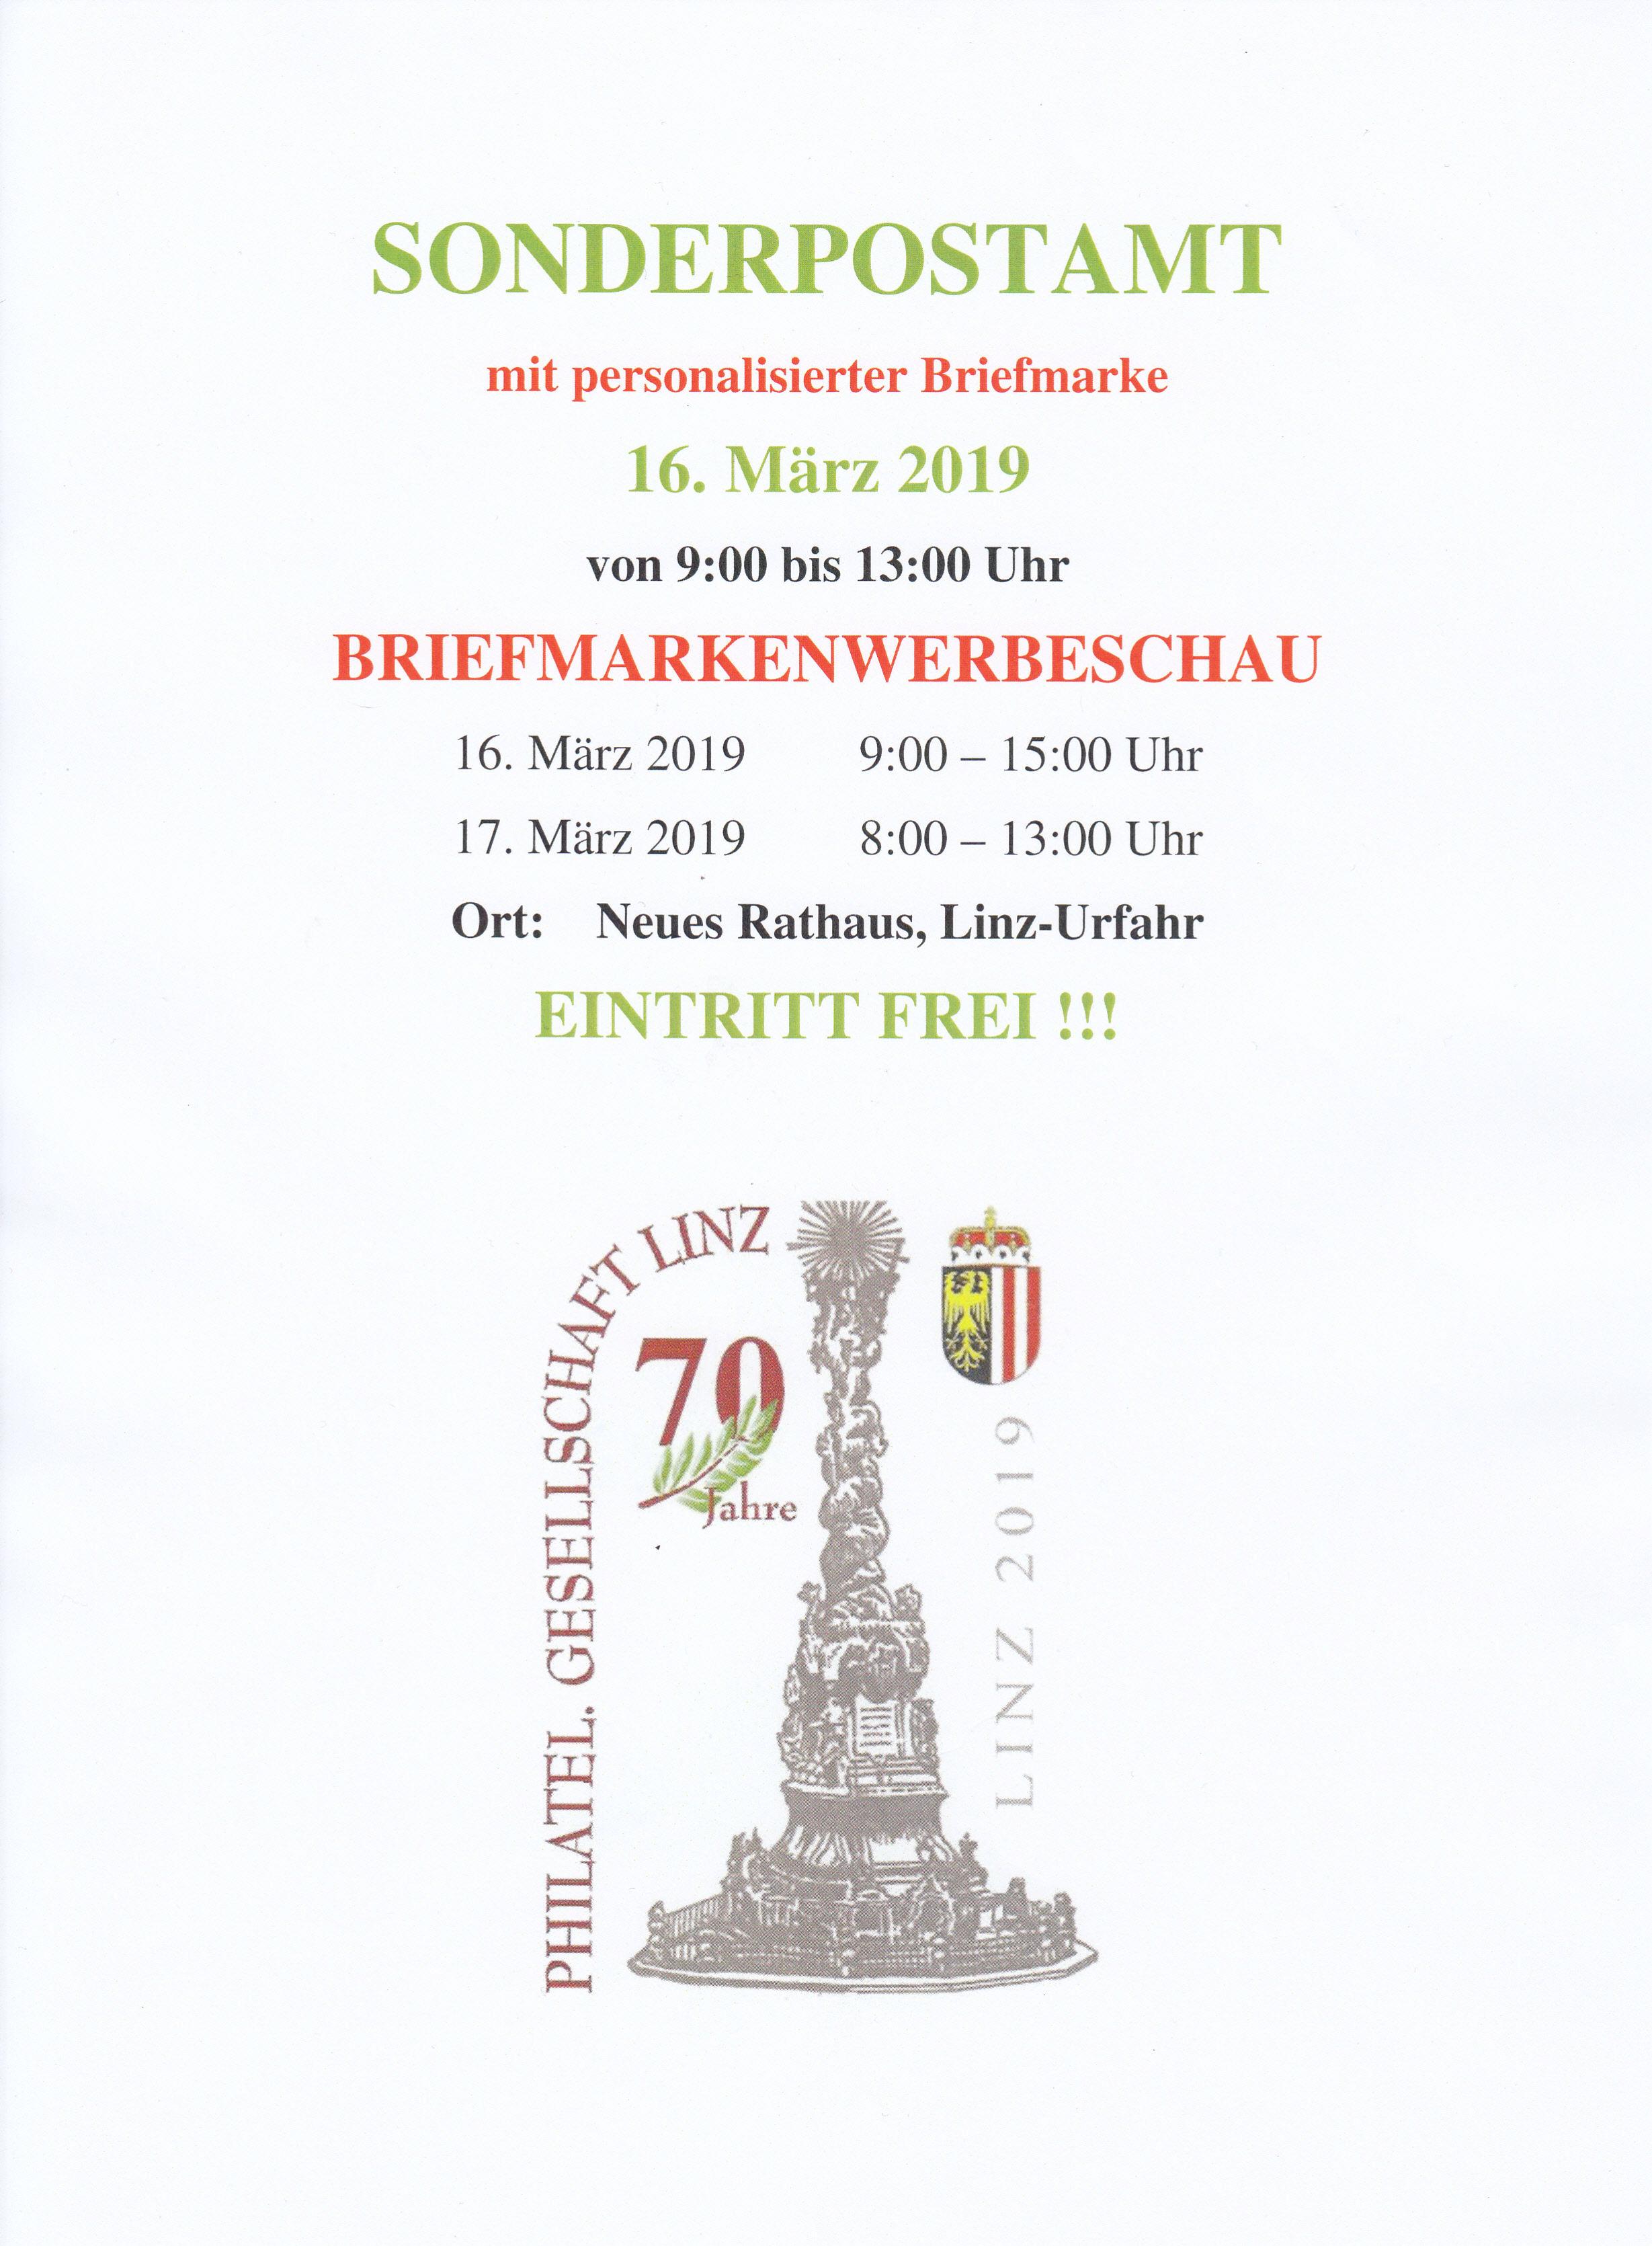 Grosstauschtag mit Werbeschau in Linz 16.und 17.03.2019 Img124